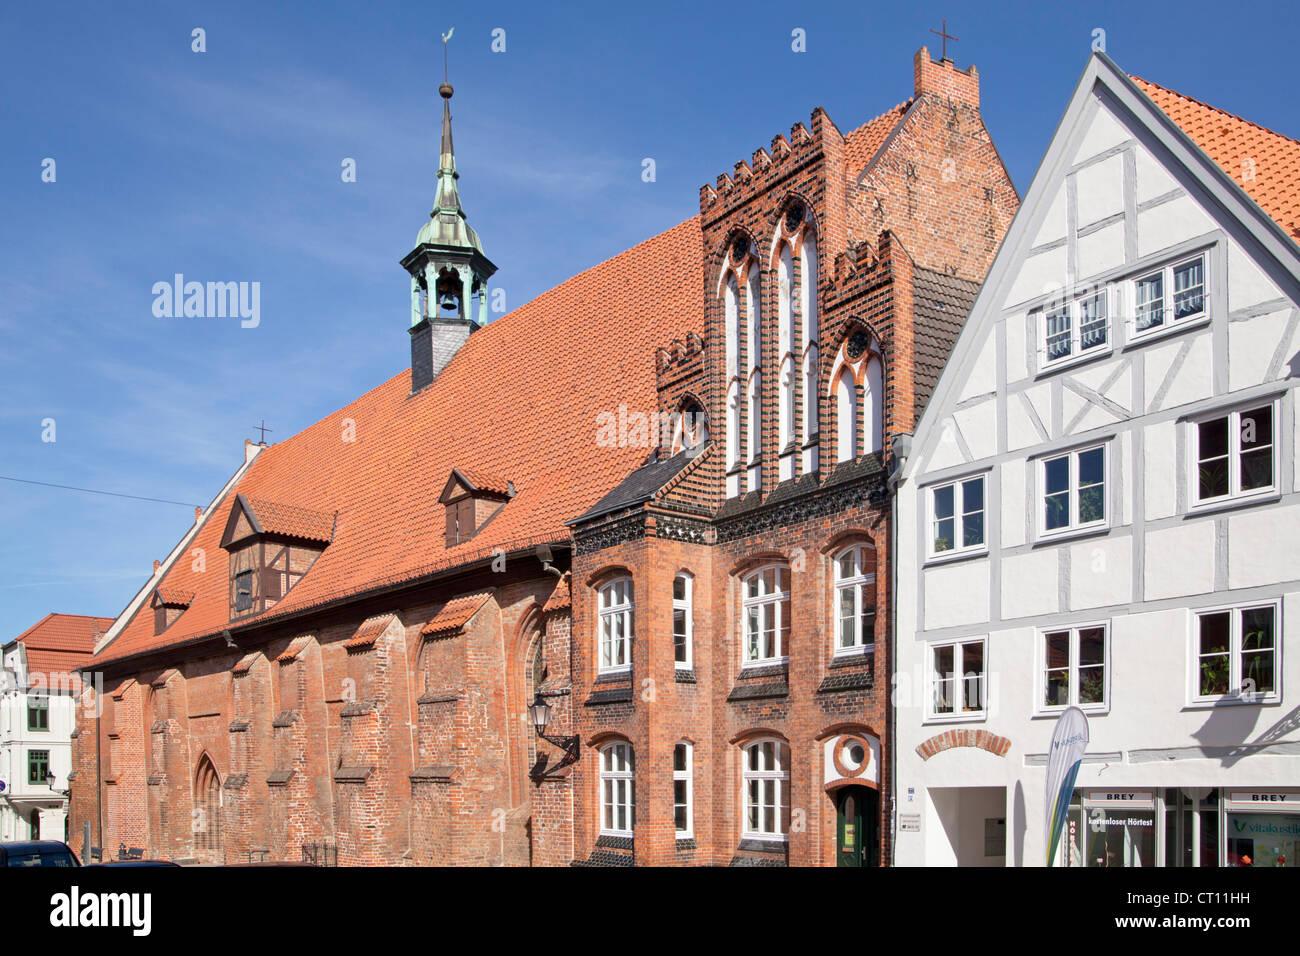 Heilig Geist Church, Wismar, Mecklenburg-West Pomerania, Germany - Stock Image